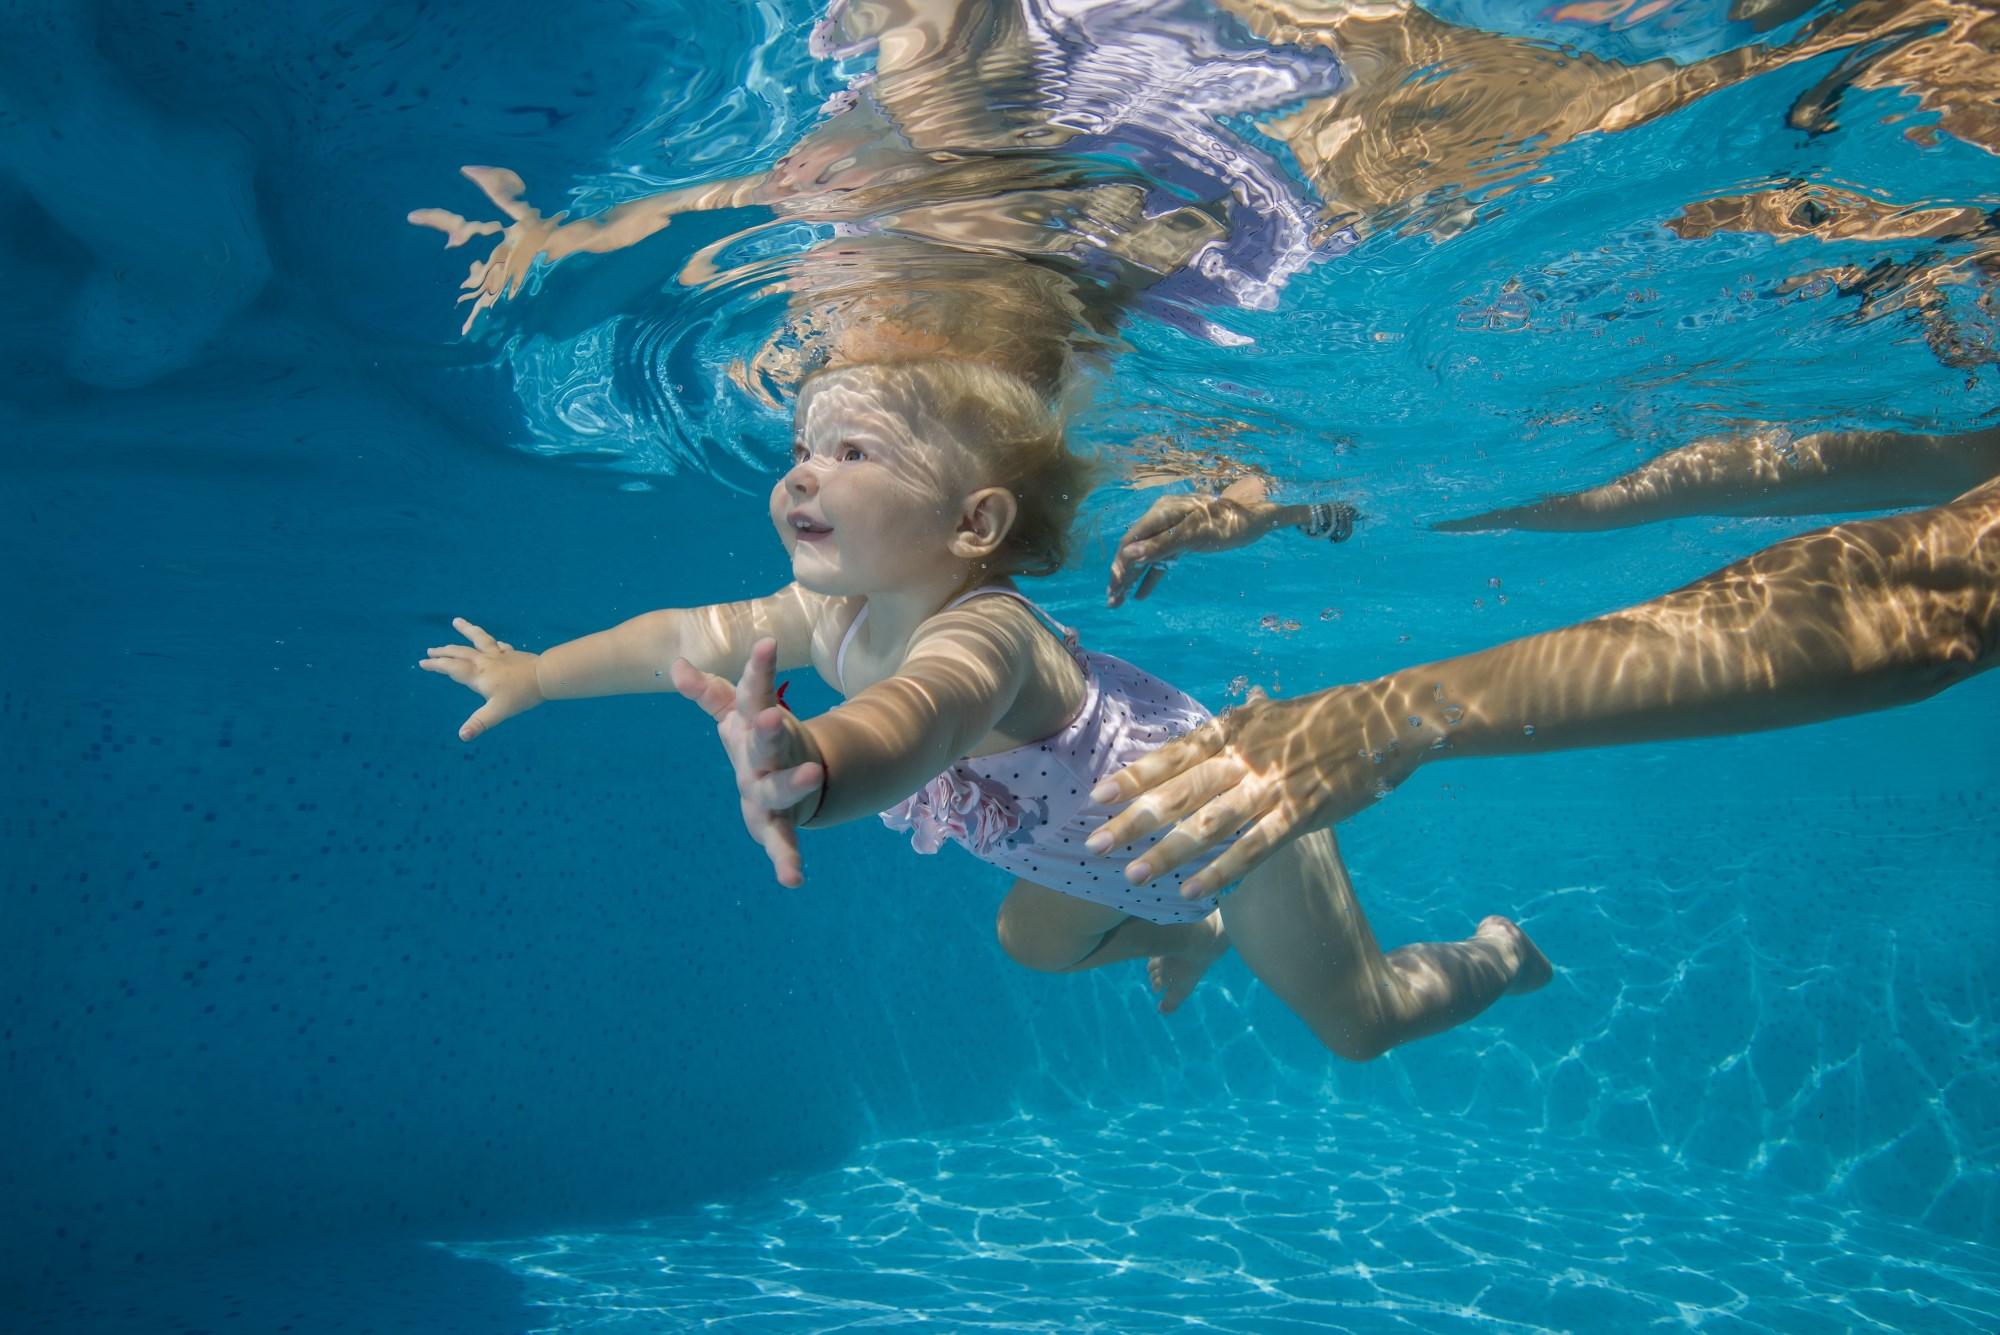 beneficios da natação para o bebê - 10 curiosidades sobre os bebês